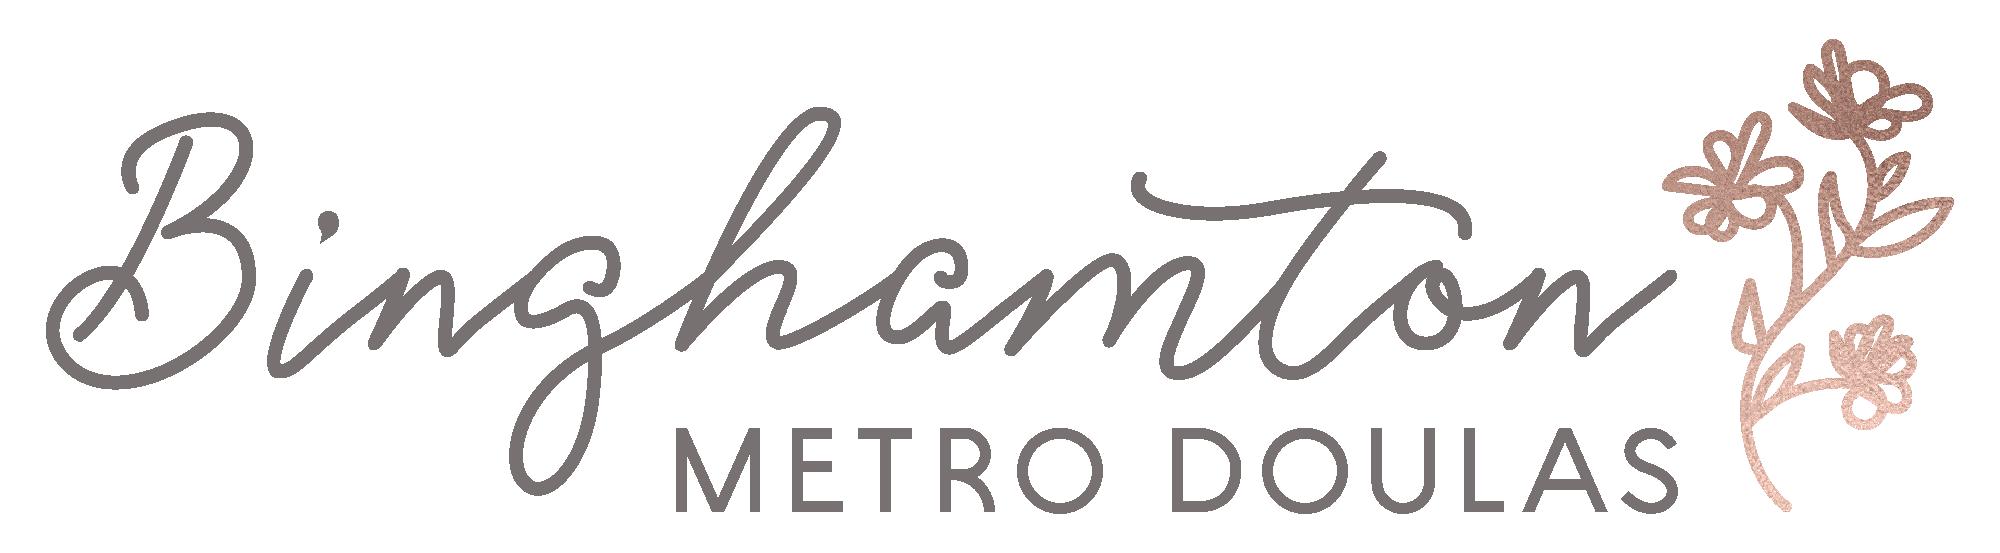 Binghamton Metro Doulas